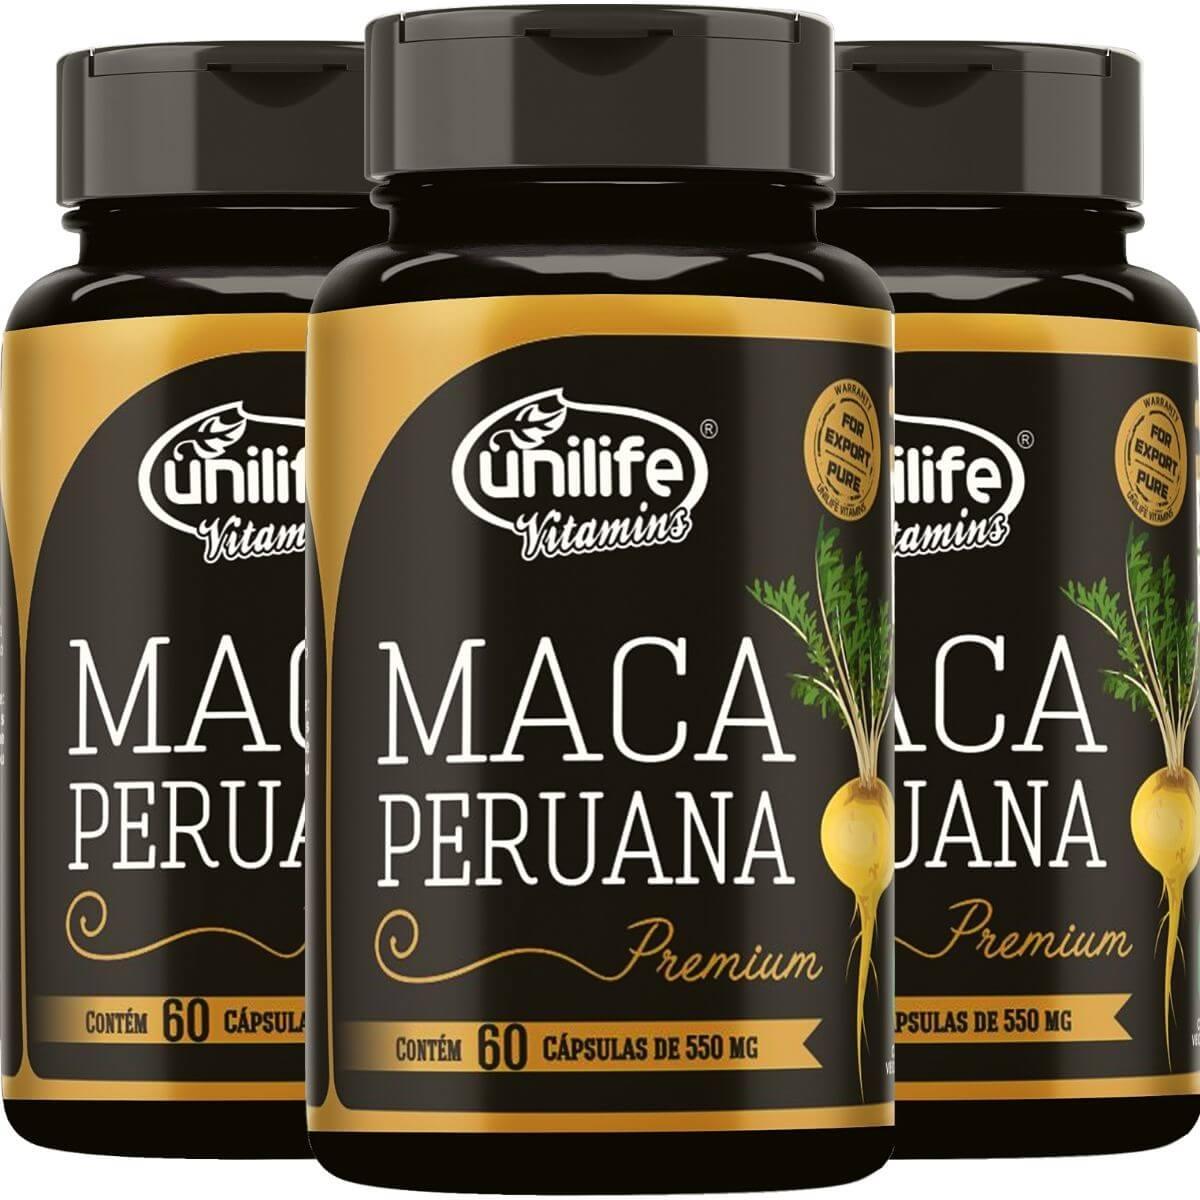 Kit 3 Maca Peruana Premium Unilife 100% Pura - 60 Cápsulas